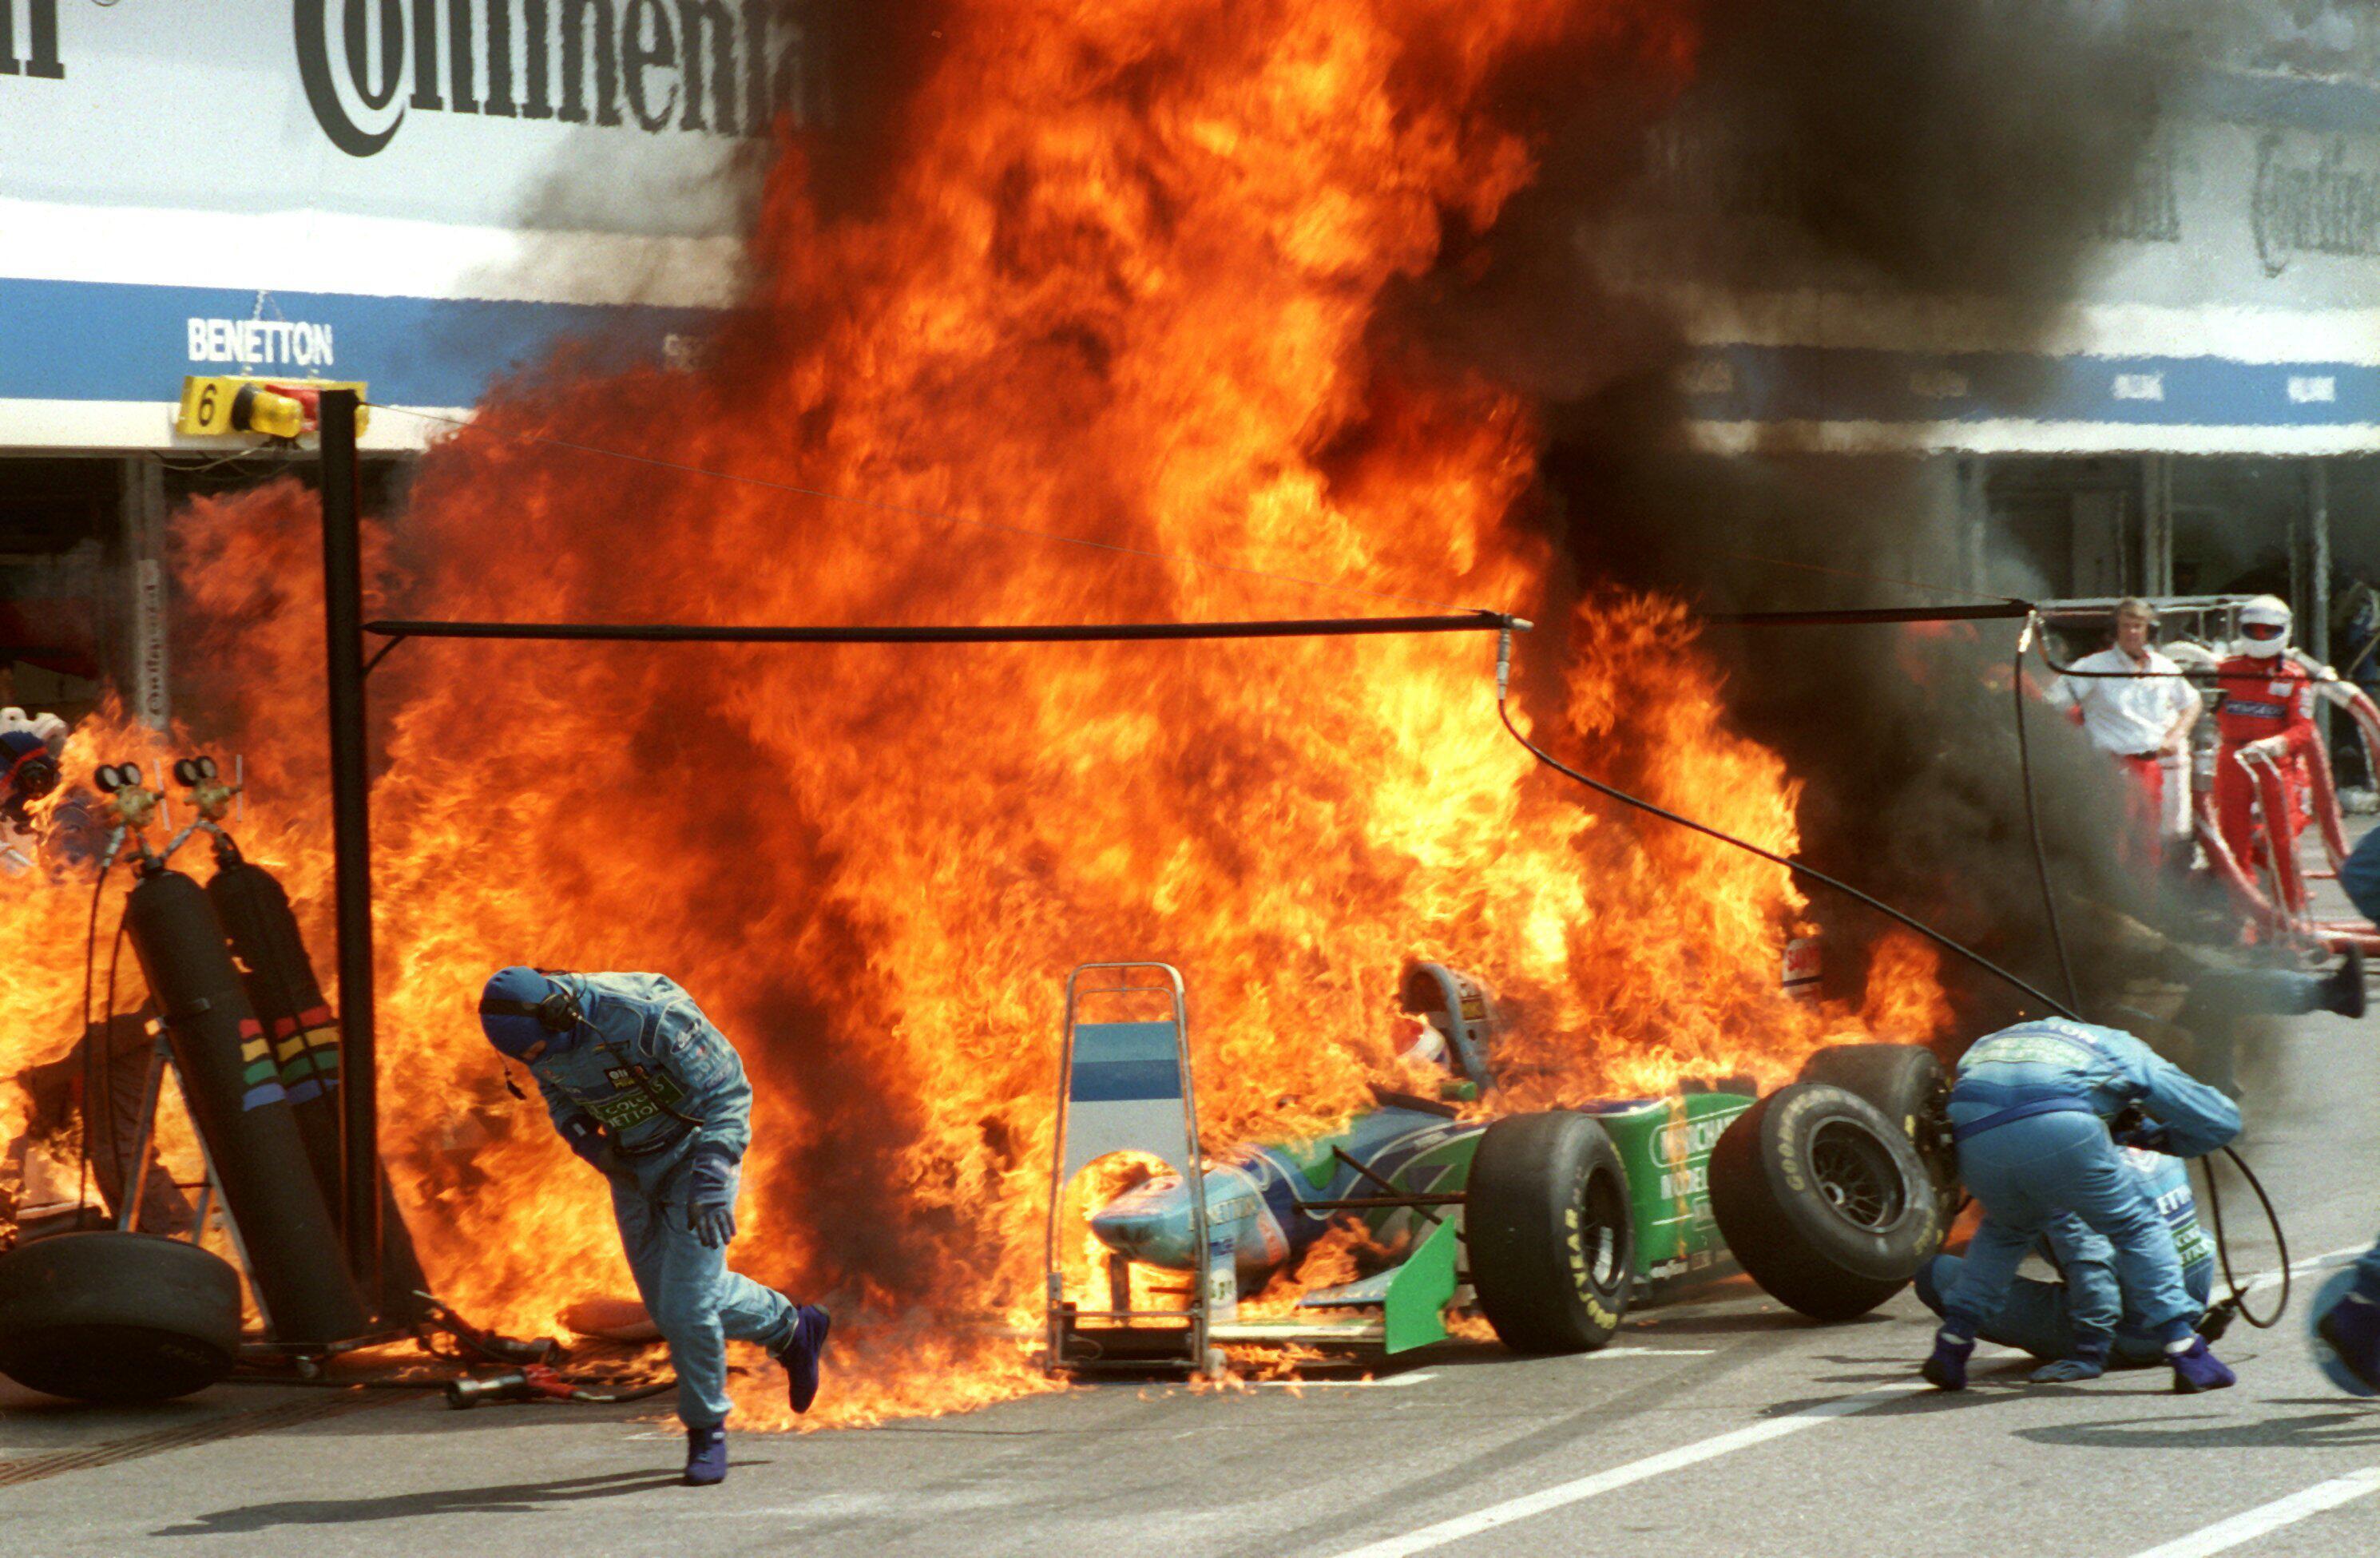 Bild zu Jos Verstappen, Benetton-Ford, Hockenheimring, 1994, Formel 1, Flammen, Grosser Preis von Deutschland